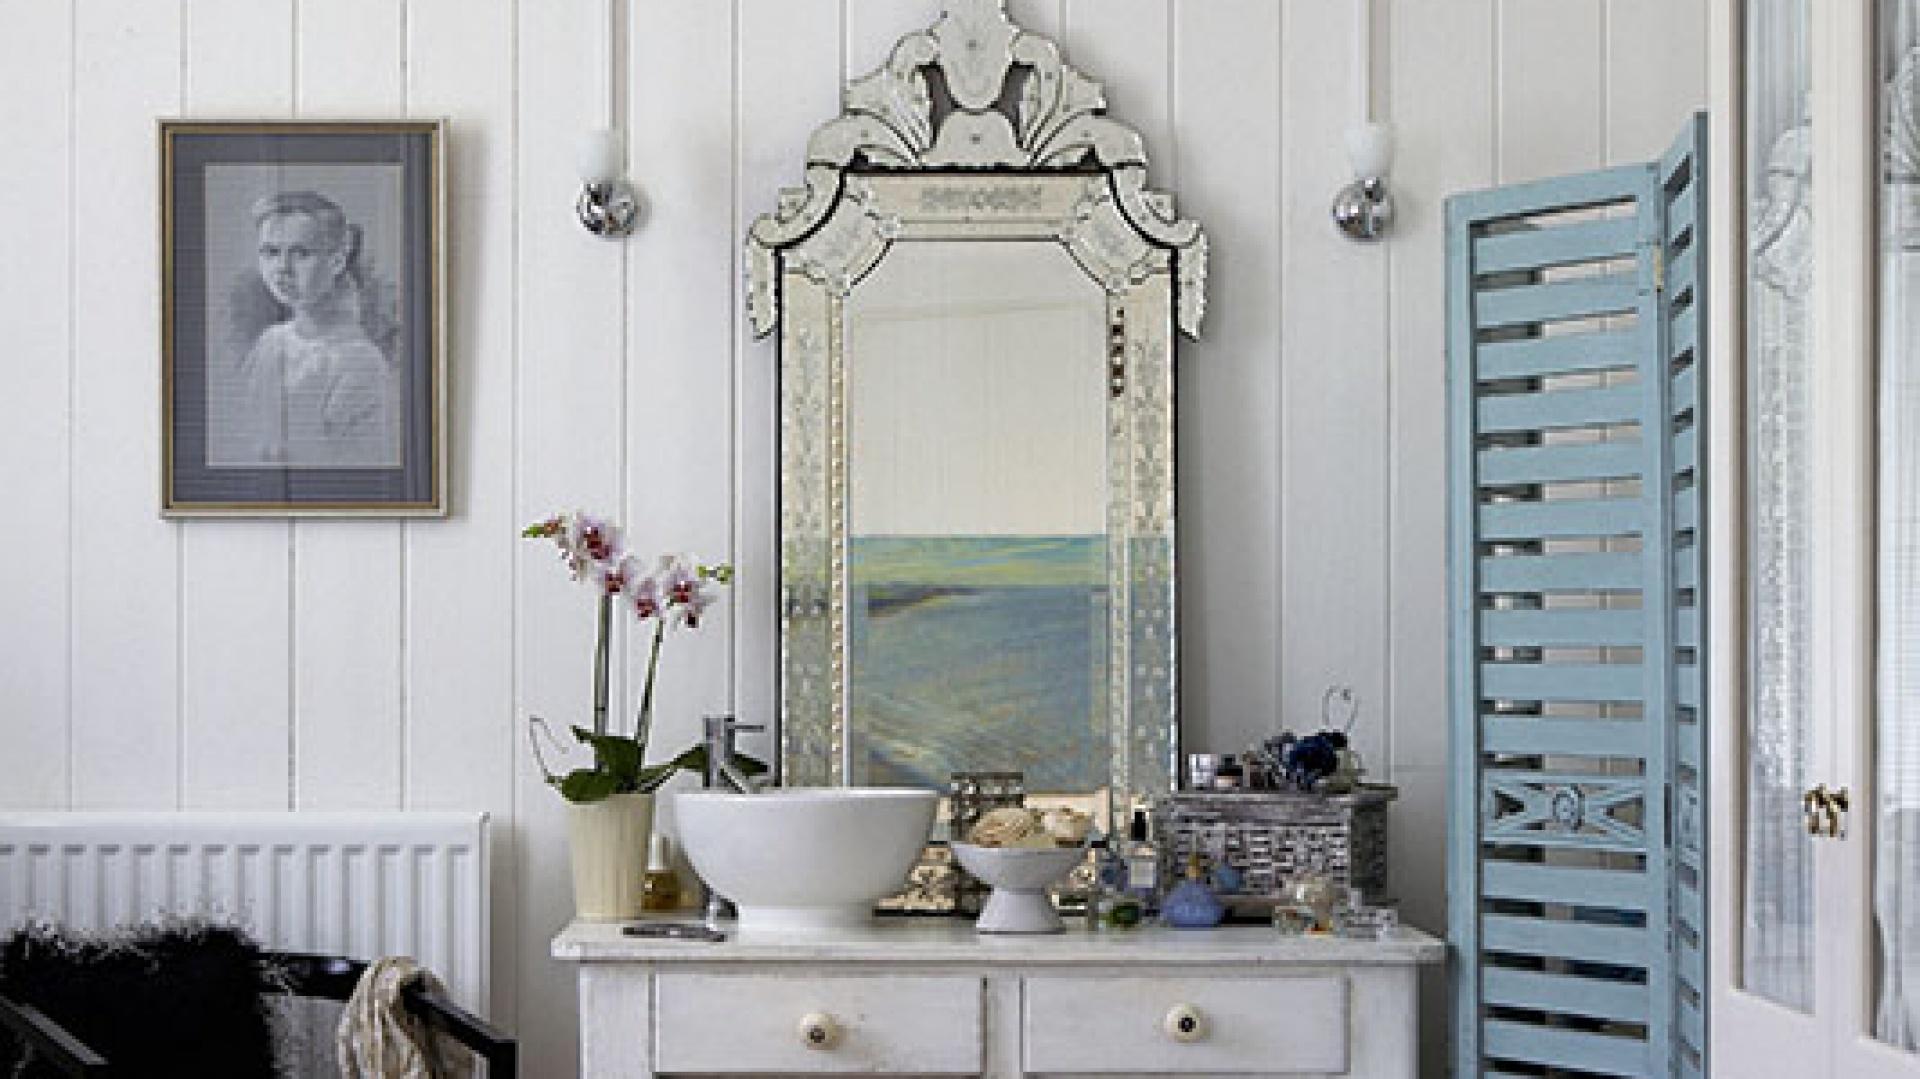 Sypialniana toaletka powstała ze starego kuchennego stołu, który właścicielka odnowiła, pomalowała na biało i skompletowała do niego nablatową umywalkę. Lustro w stylu weneckim i żyrandol w klimacie glamour dopełniają całości. Fot. Brent Darby/Narratives.